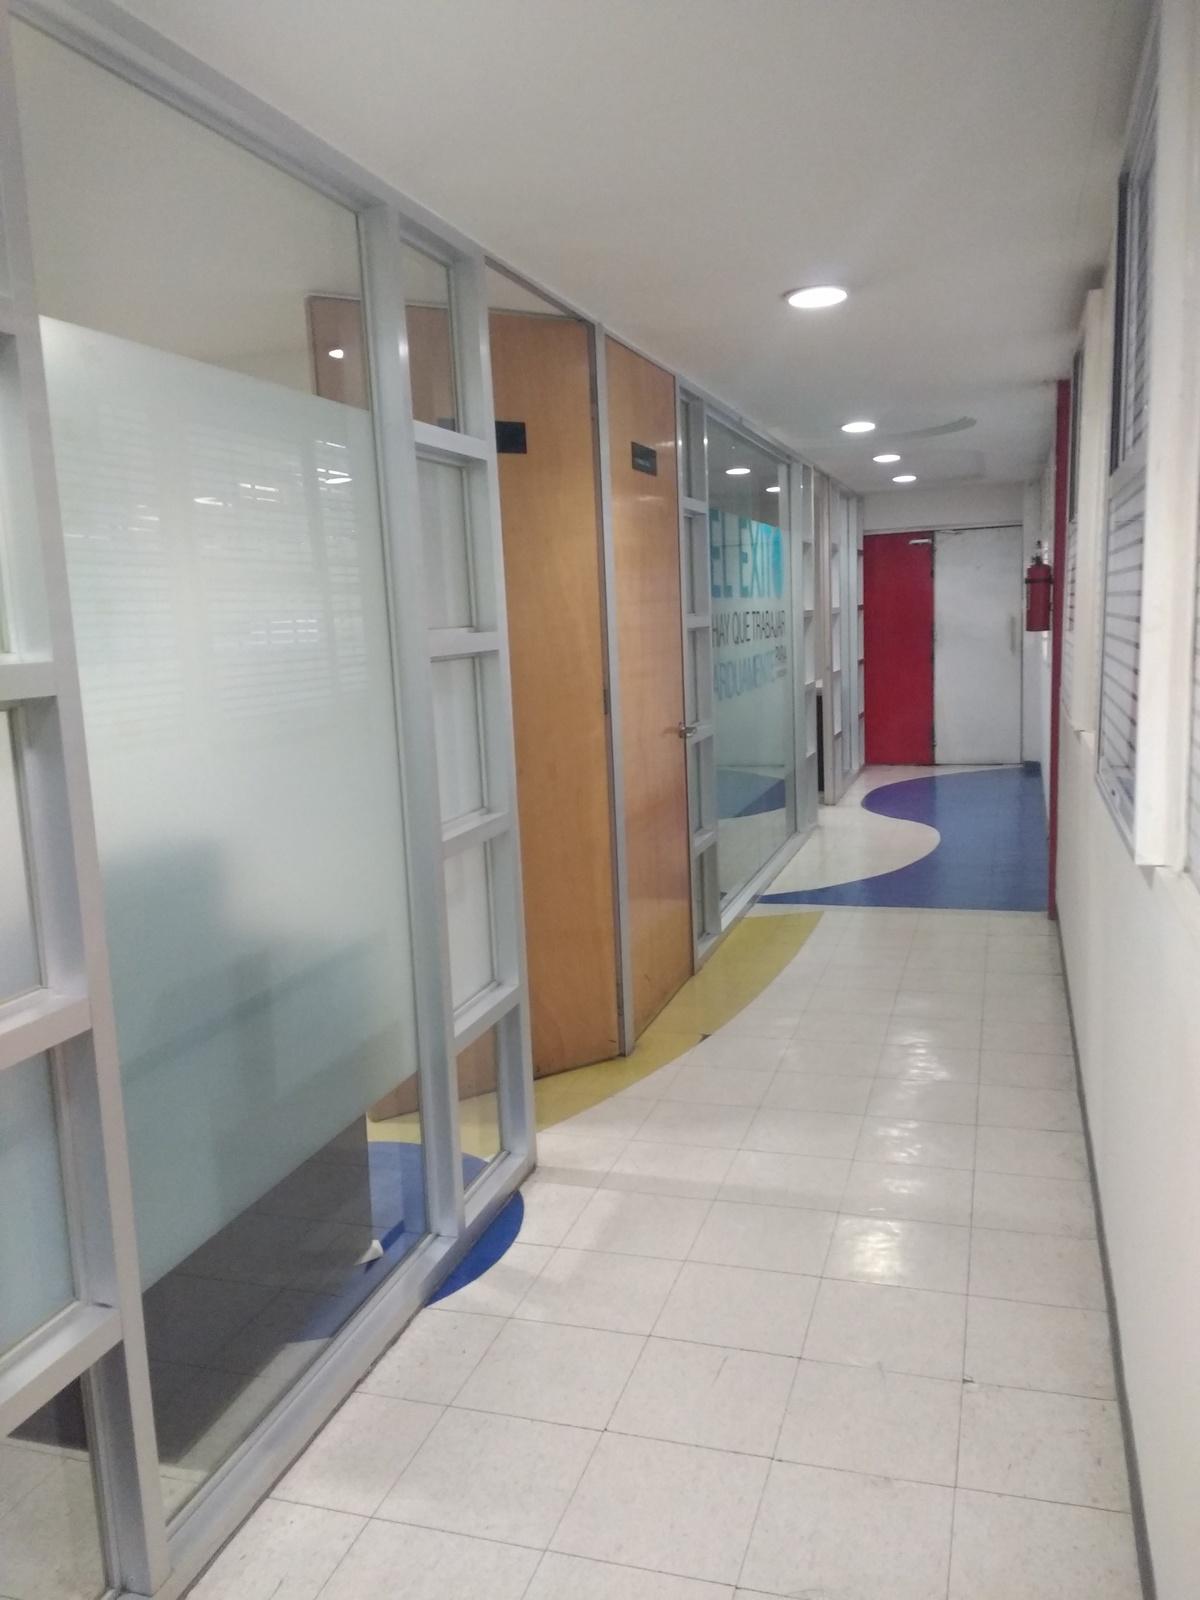 8 de 15: Pasillo Oficinas. 3 cubículos independientes o privados